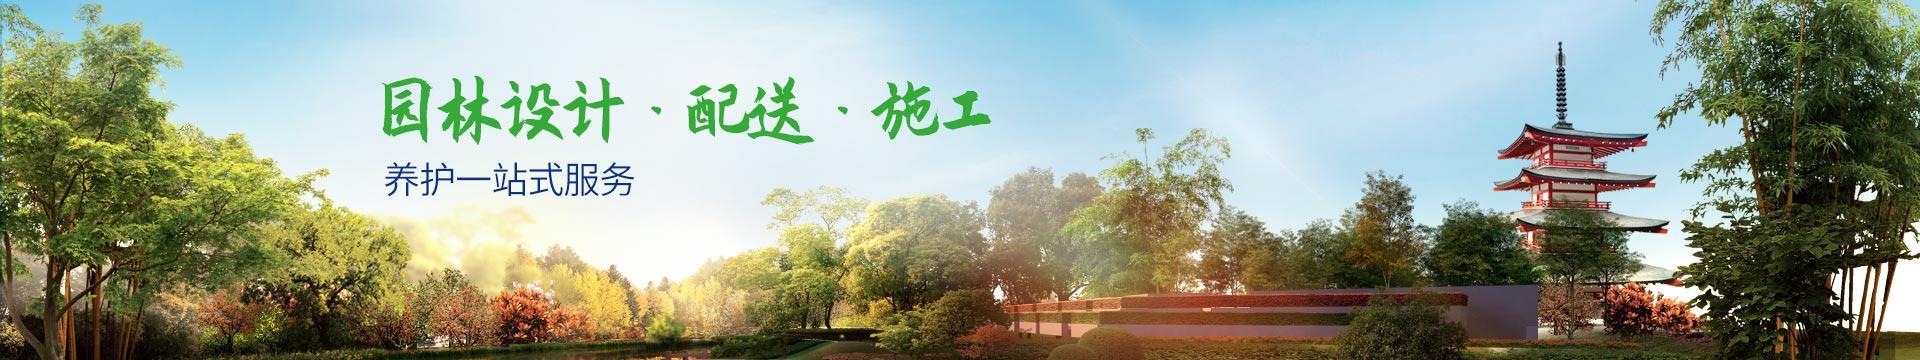 买球国际厅网站-園林設計,配送,施工